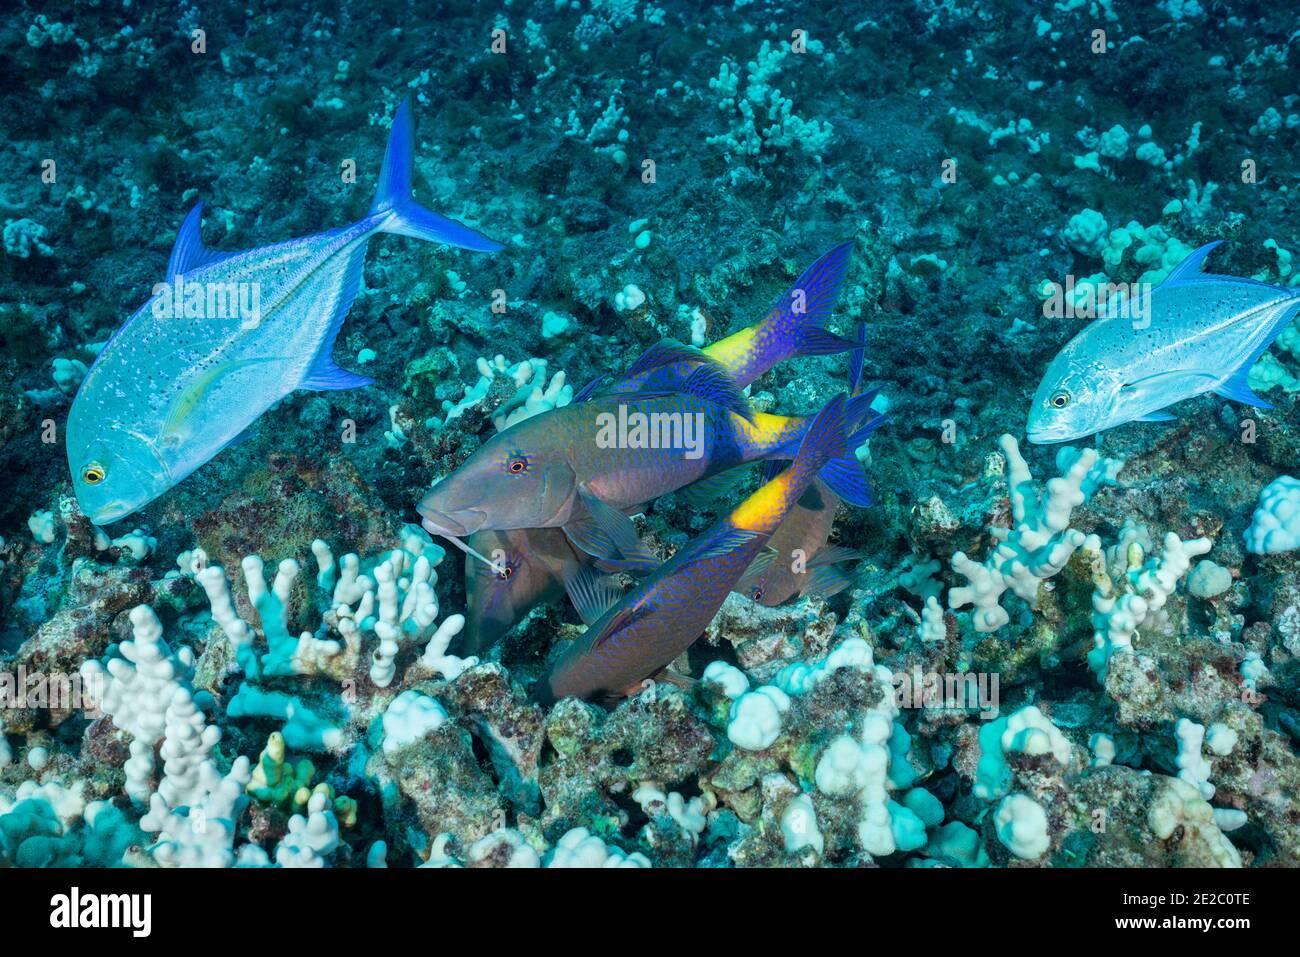 Jagd Koalition von blauen Goatfish und bluefin trevally; Jacks folgen den Goatfish zu ergreifen, jede Beute, die die Goatfish aus der Koralle spülen, Hawaii Stockfoto